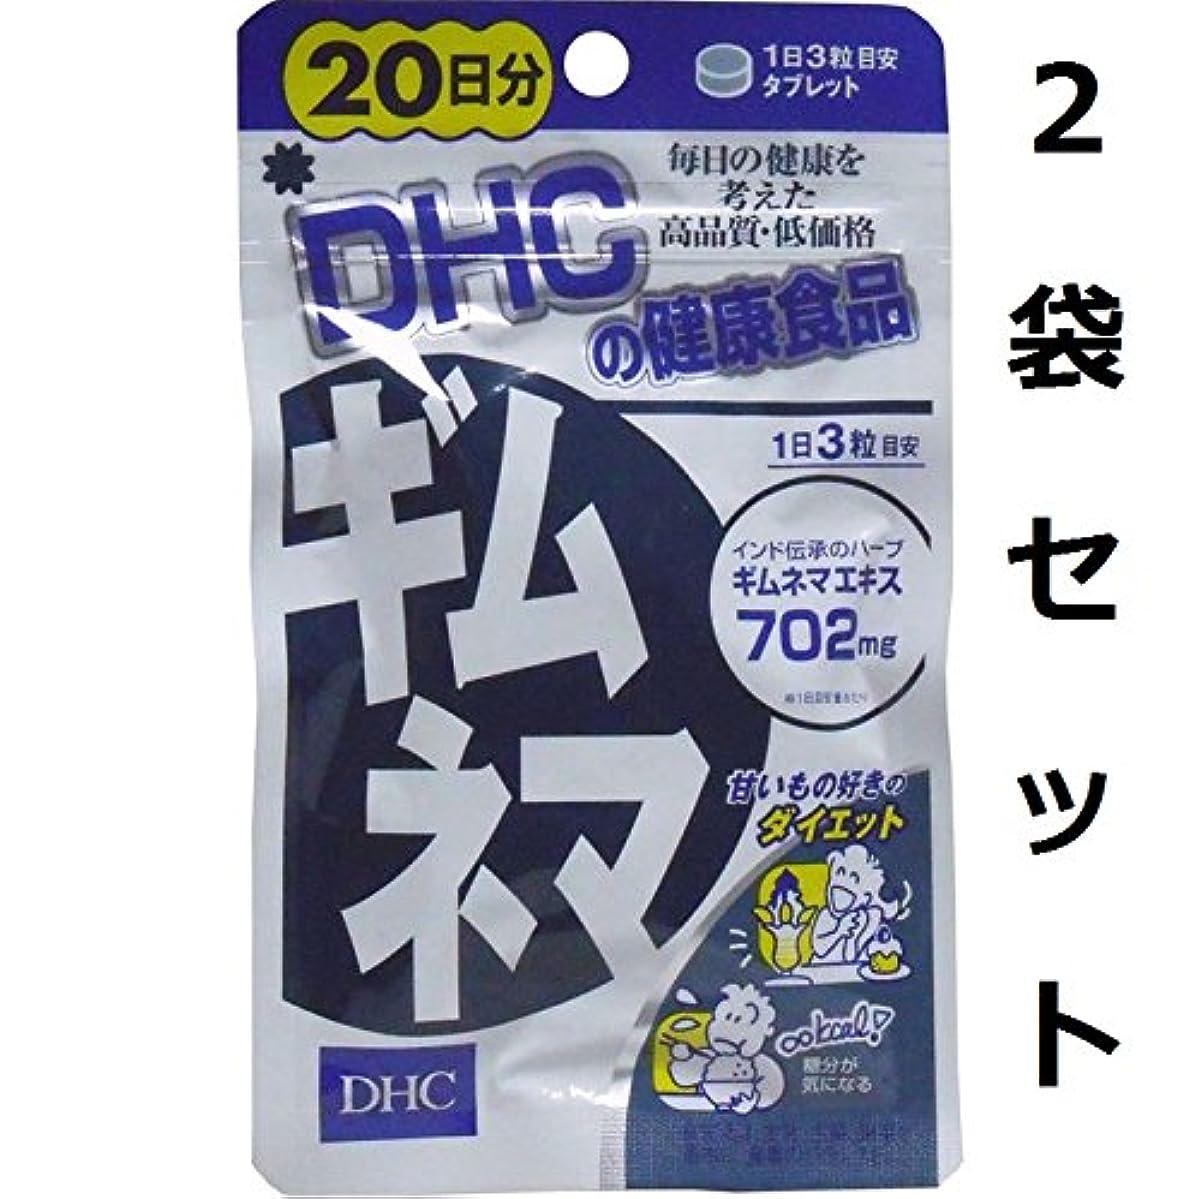 王朝ルーチンキリスト我慢せずに余分な糖分をブロック DHC ギムネマ 20日分 60粒 2袋セット